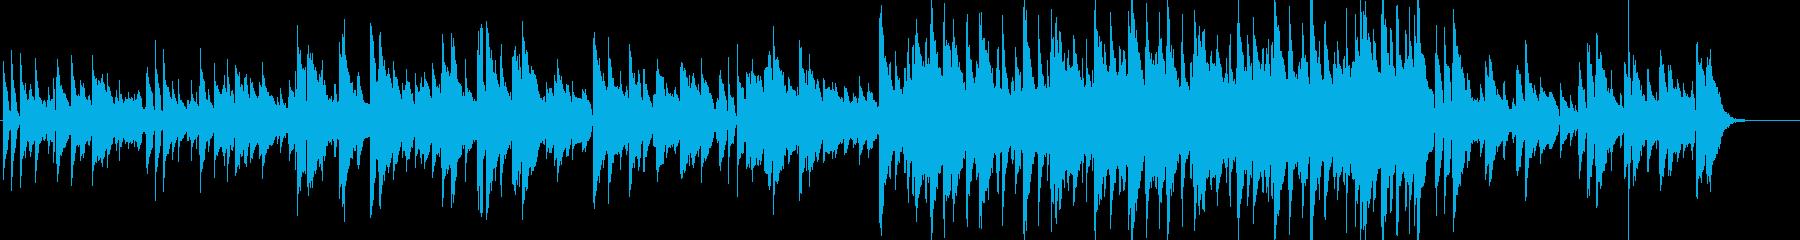 リラックスできるのんびりギターBGMの再生済みの波形